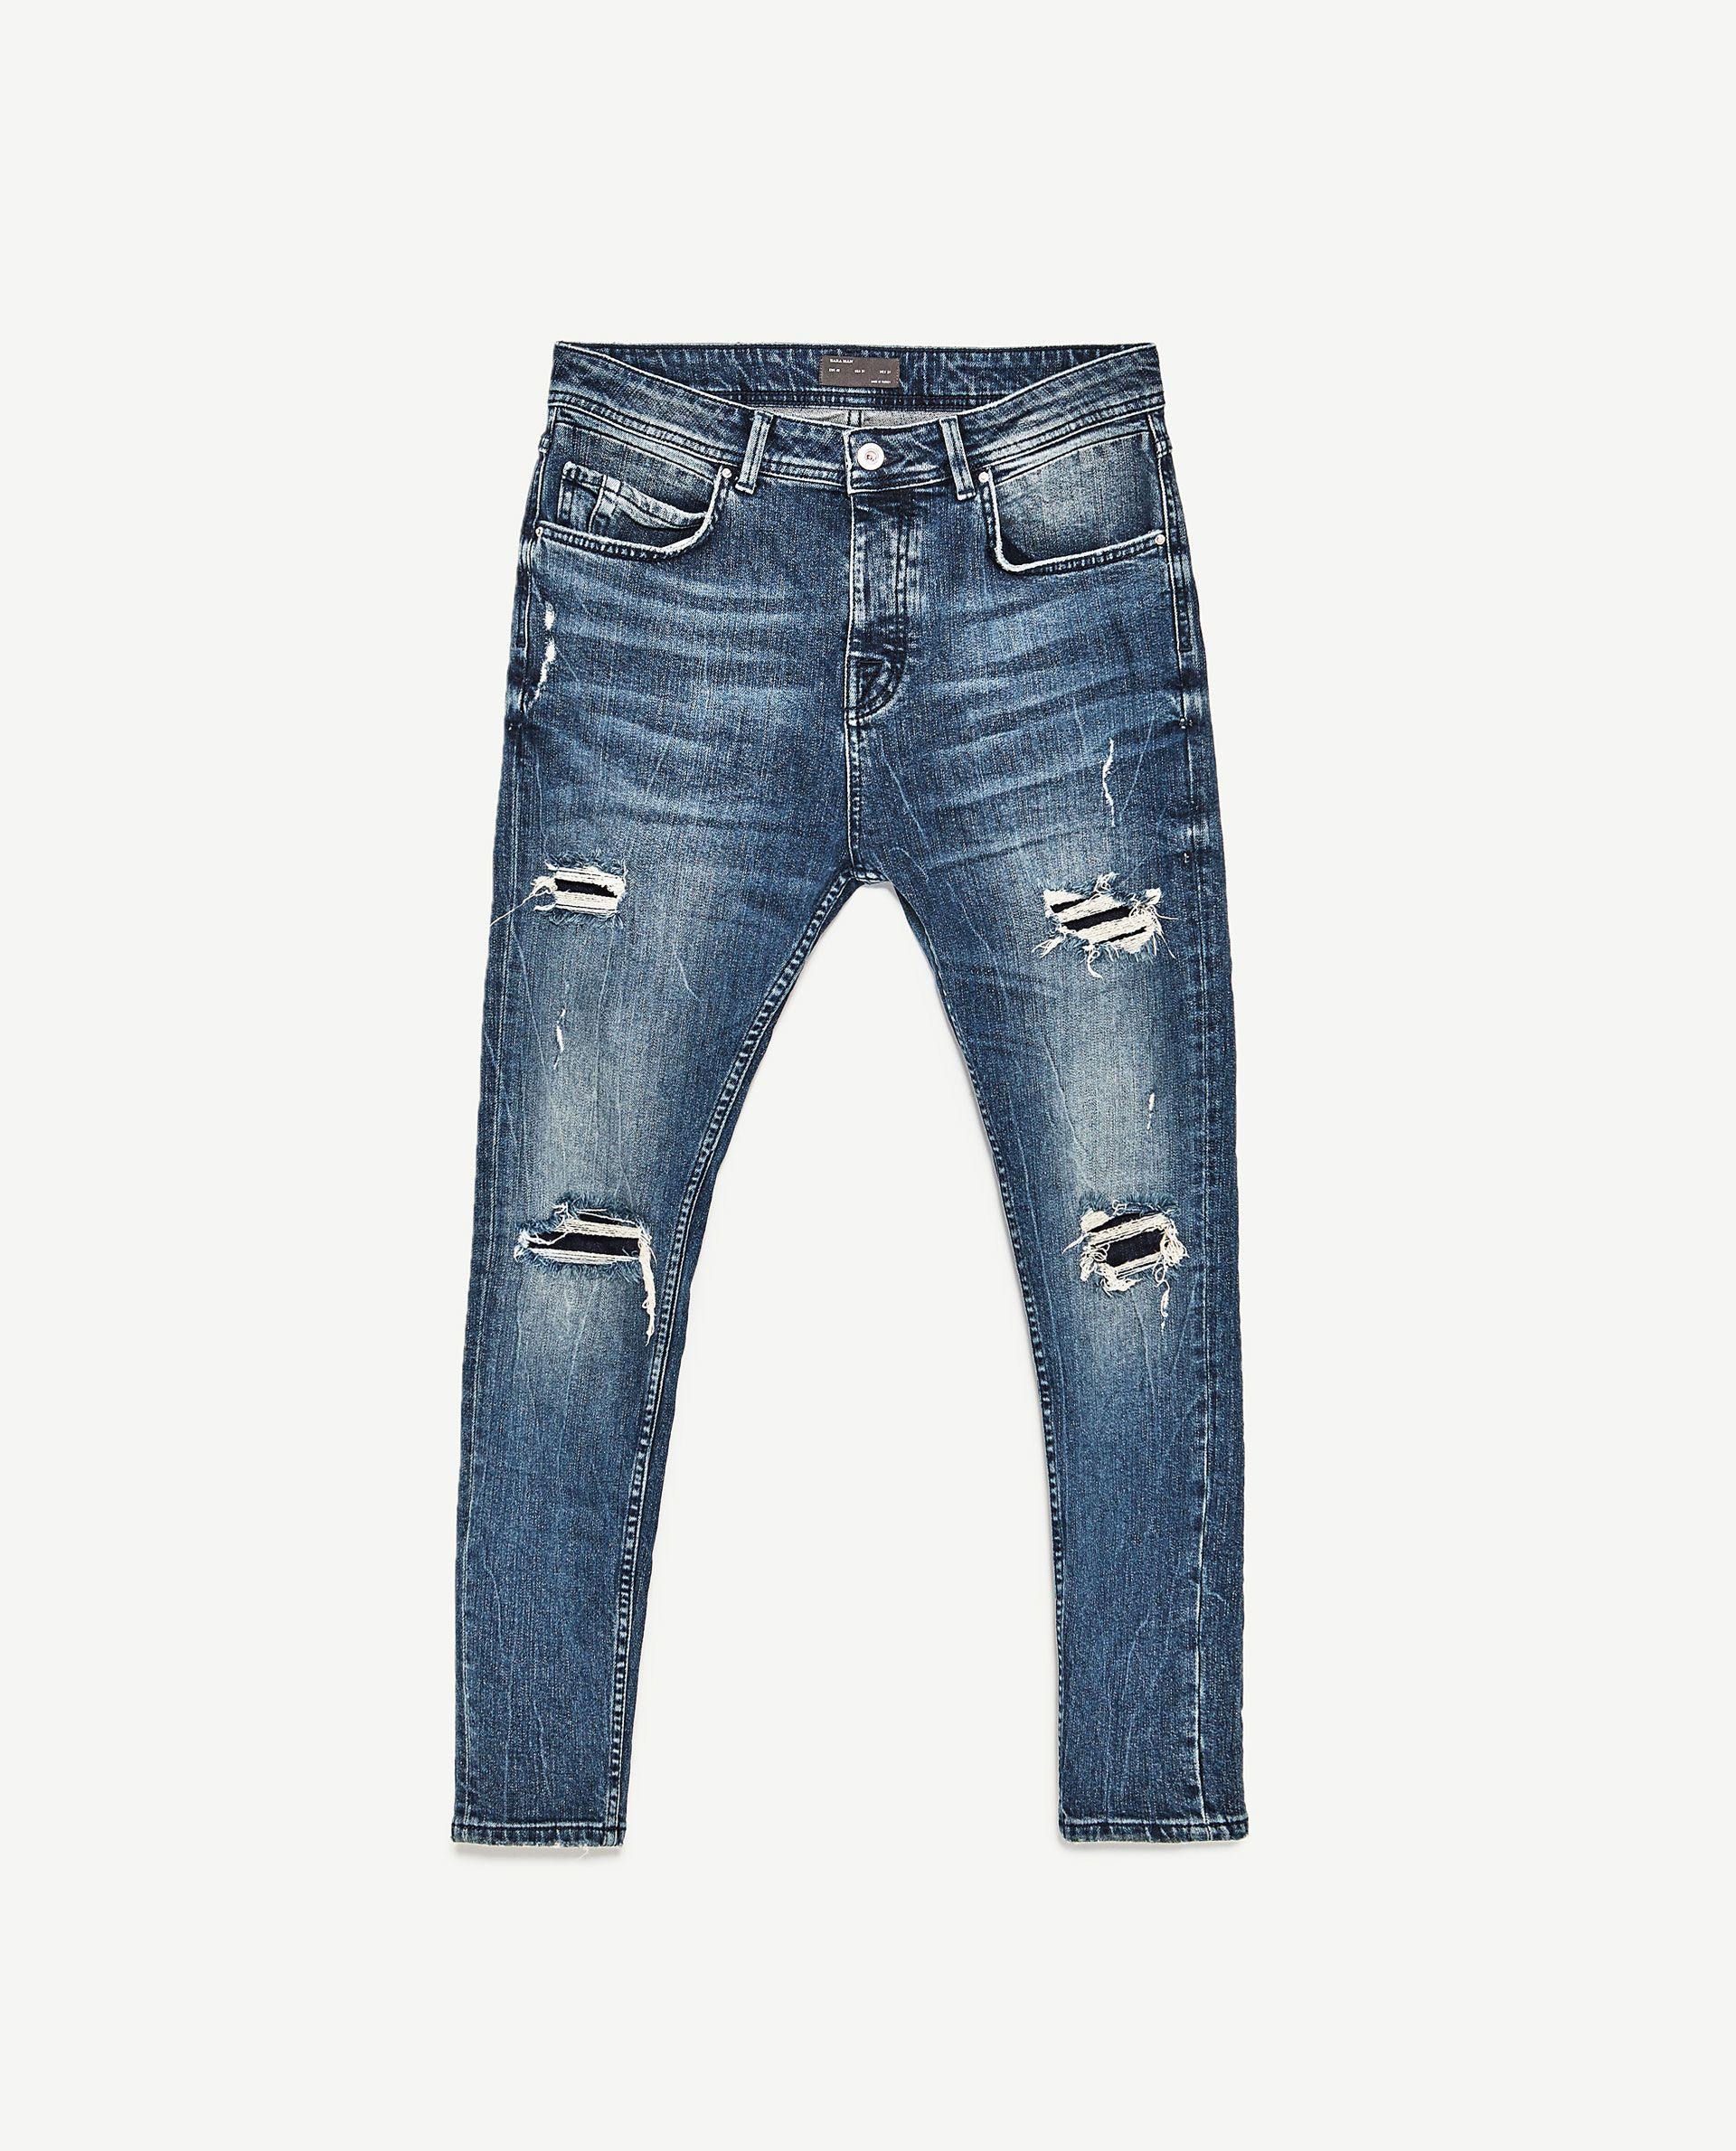 55e40946f79 NEW CARROT FIT JEANS | Jeans | Denim jeans men, Denim pants mens, Jeans